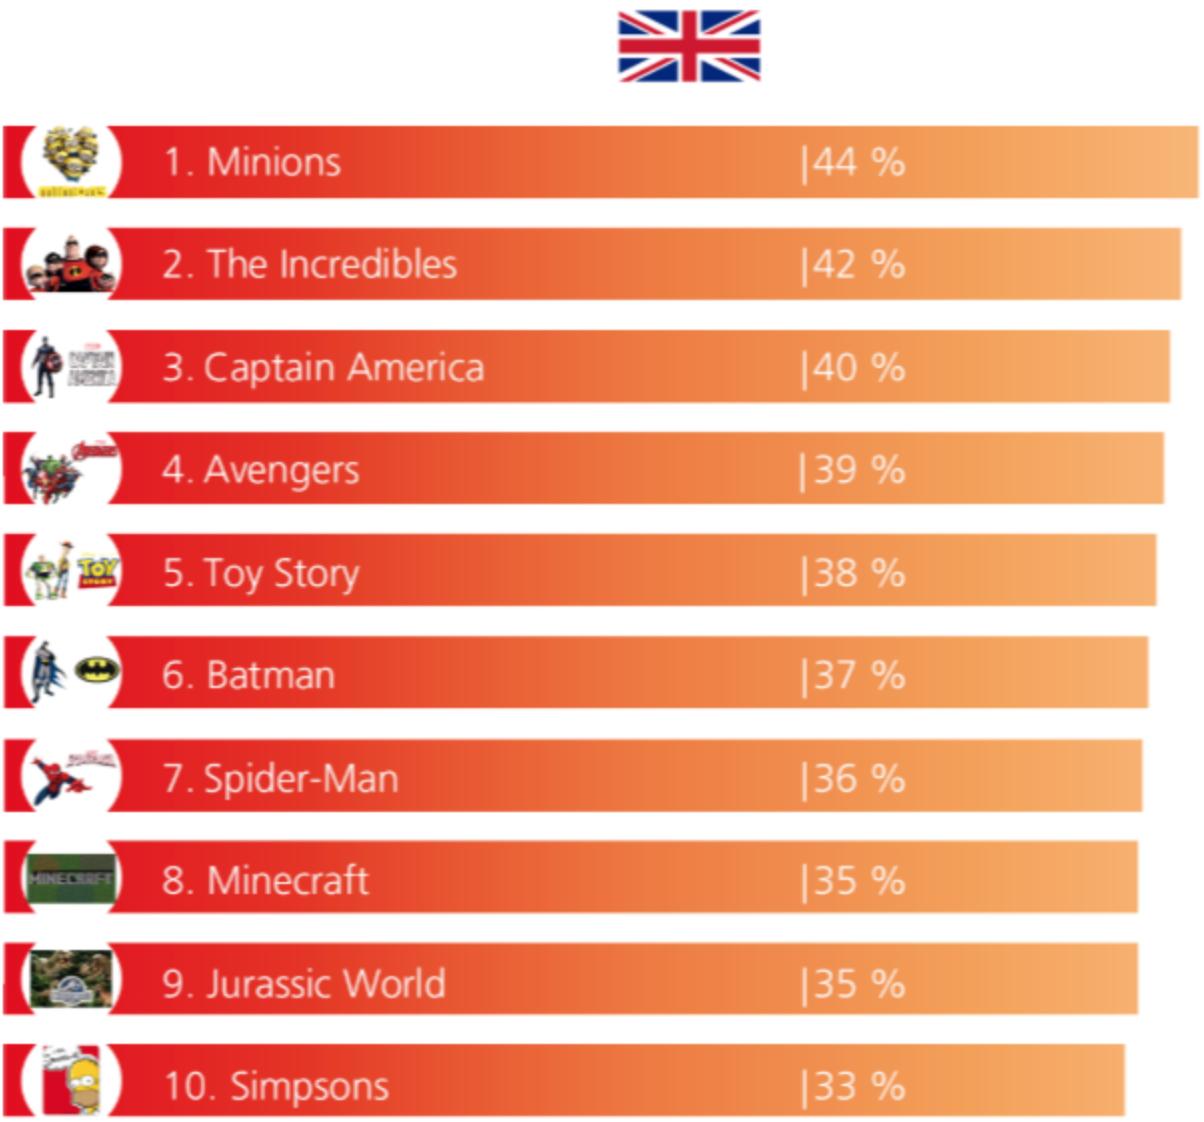 Самые популярные лицензионные детские бренды по версии Kids License Monitor